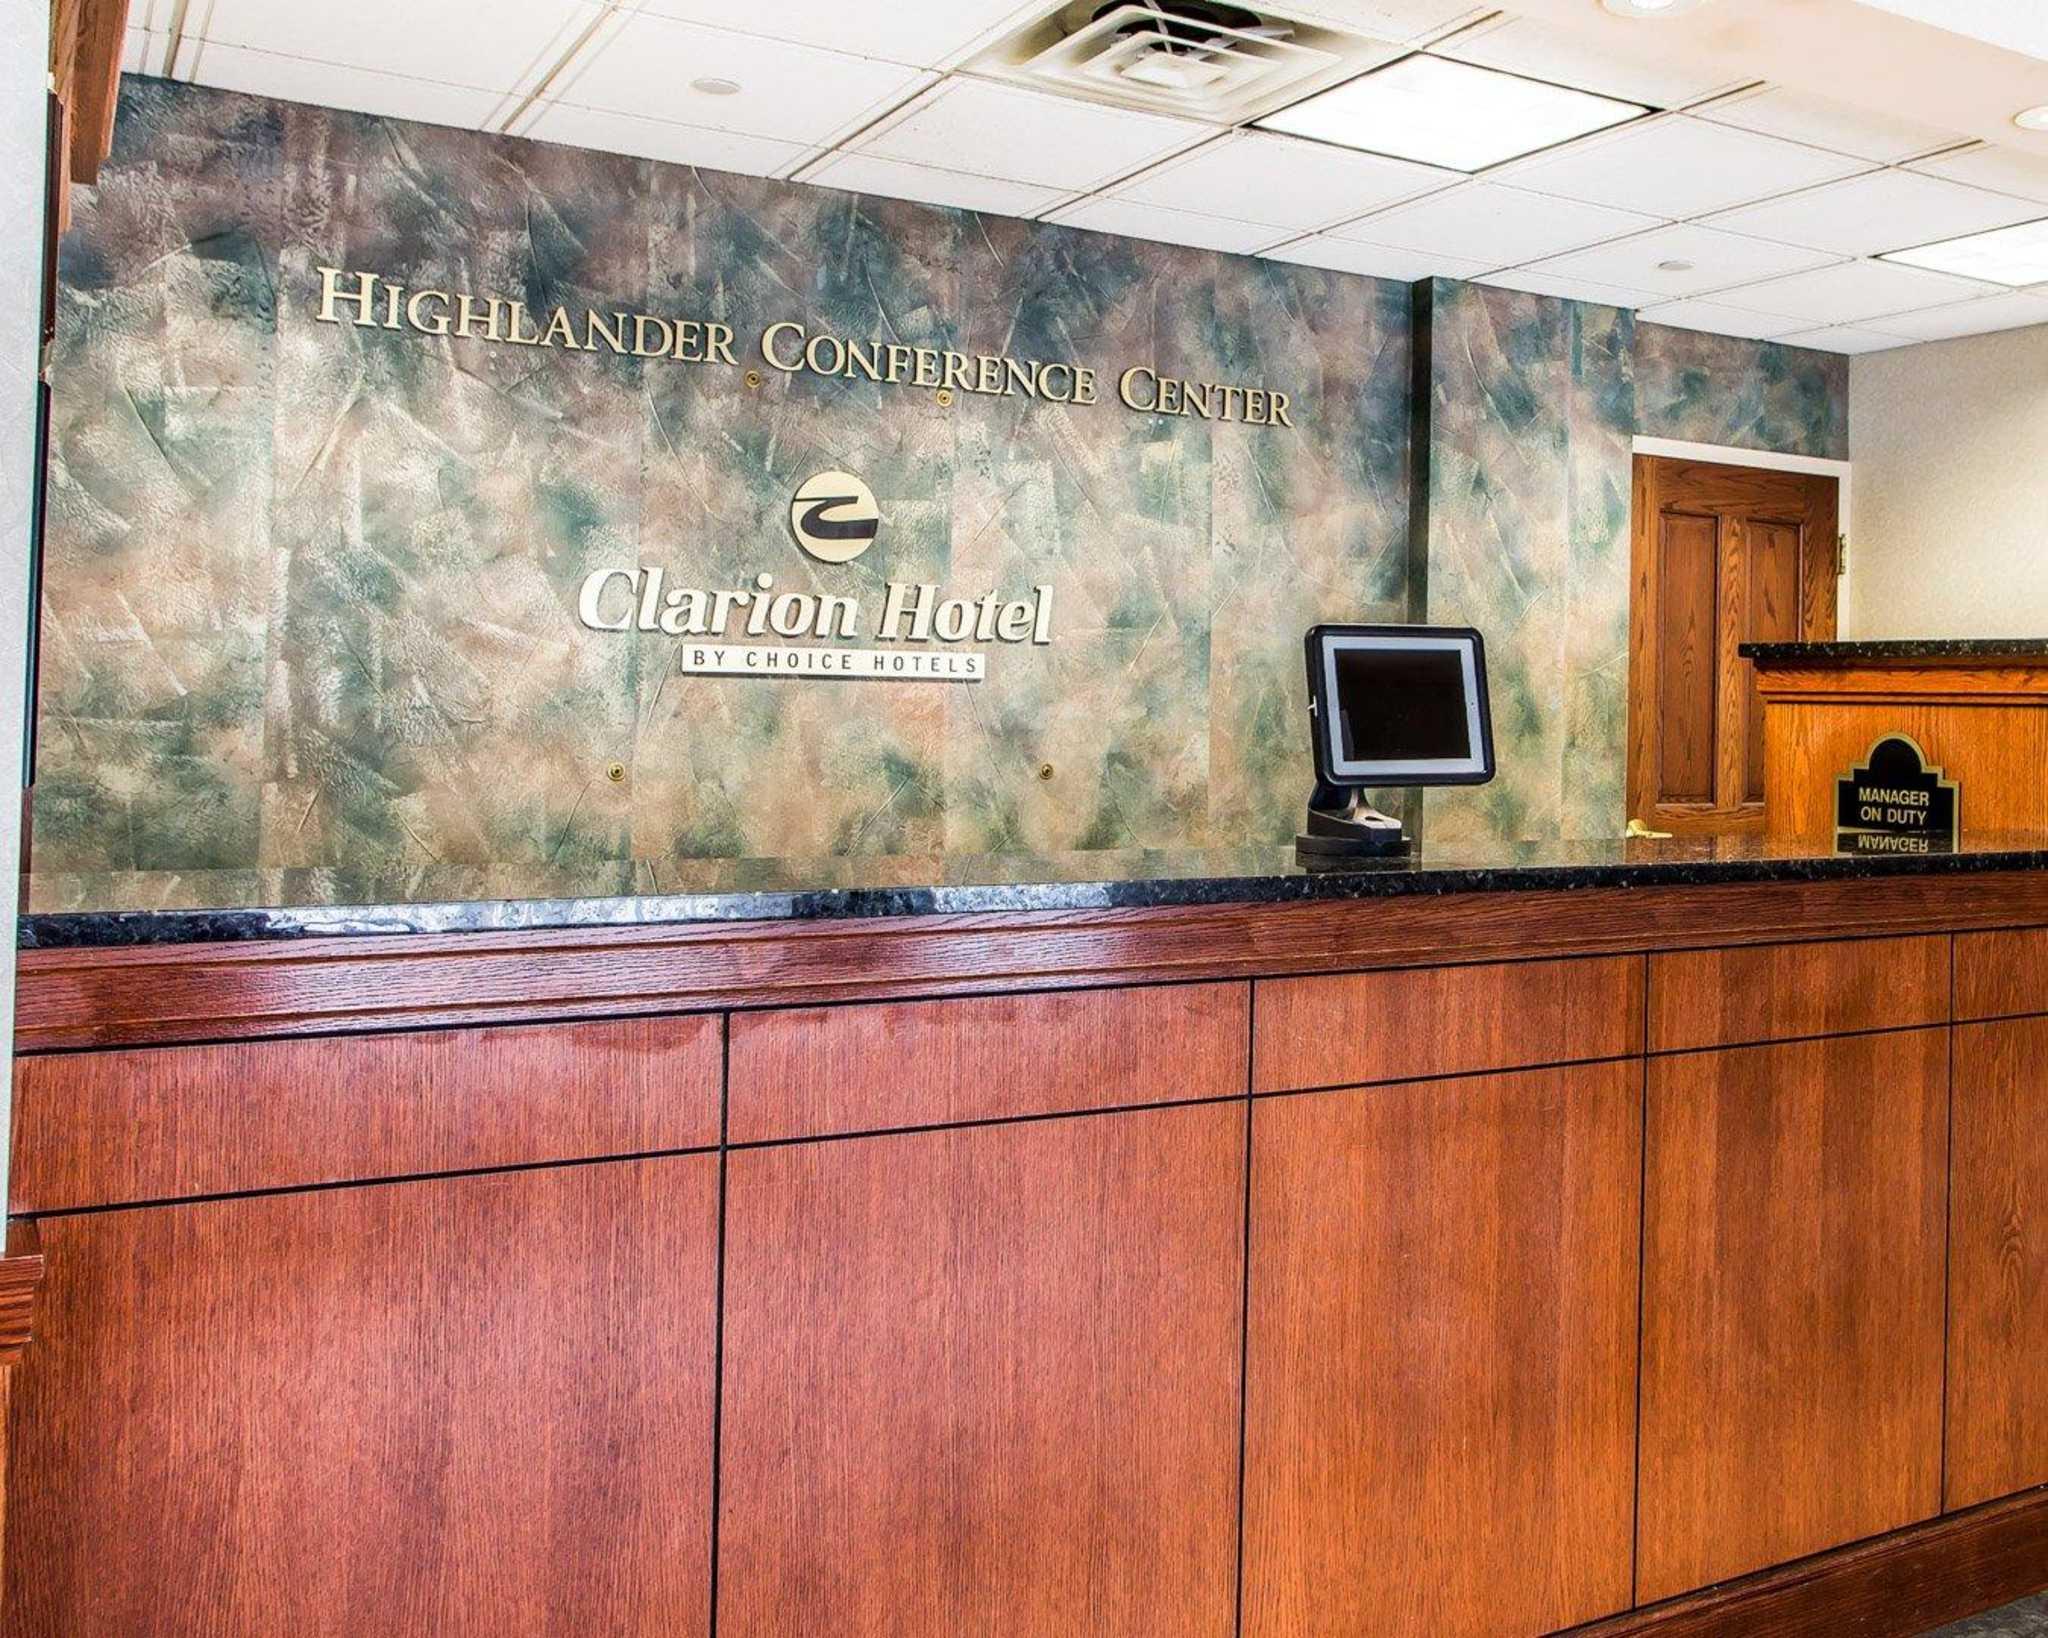 Clarion Hotel Highlander Conference Center image 12